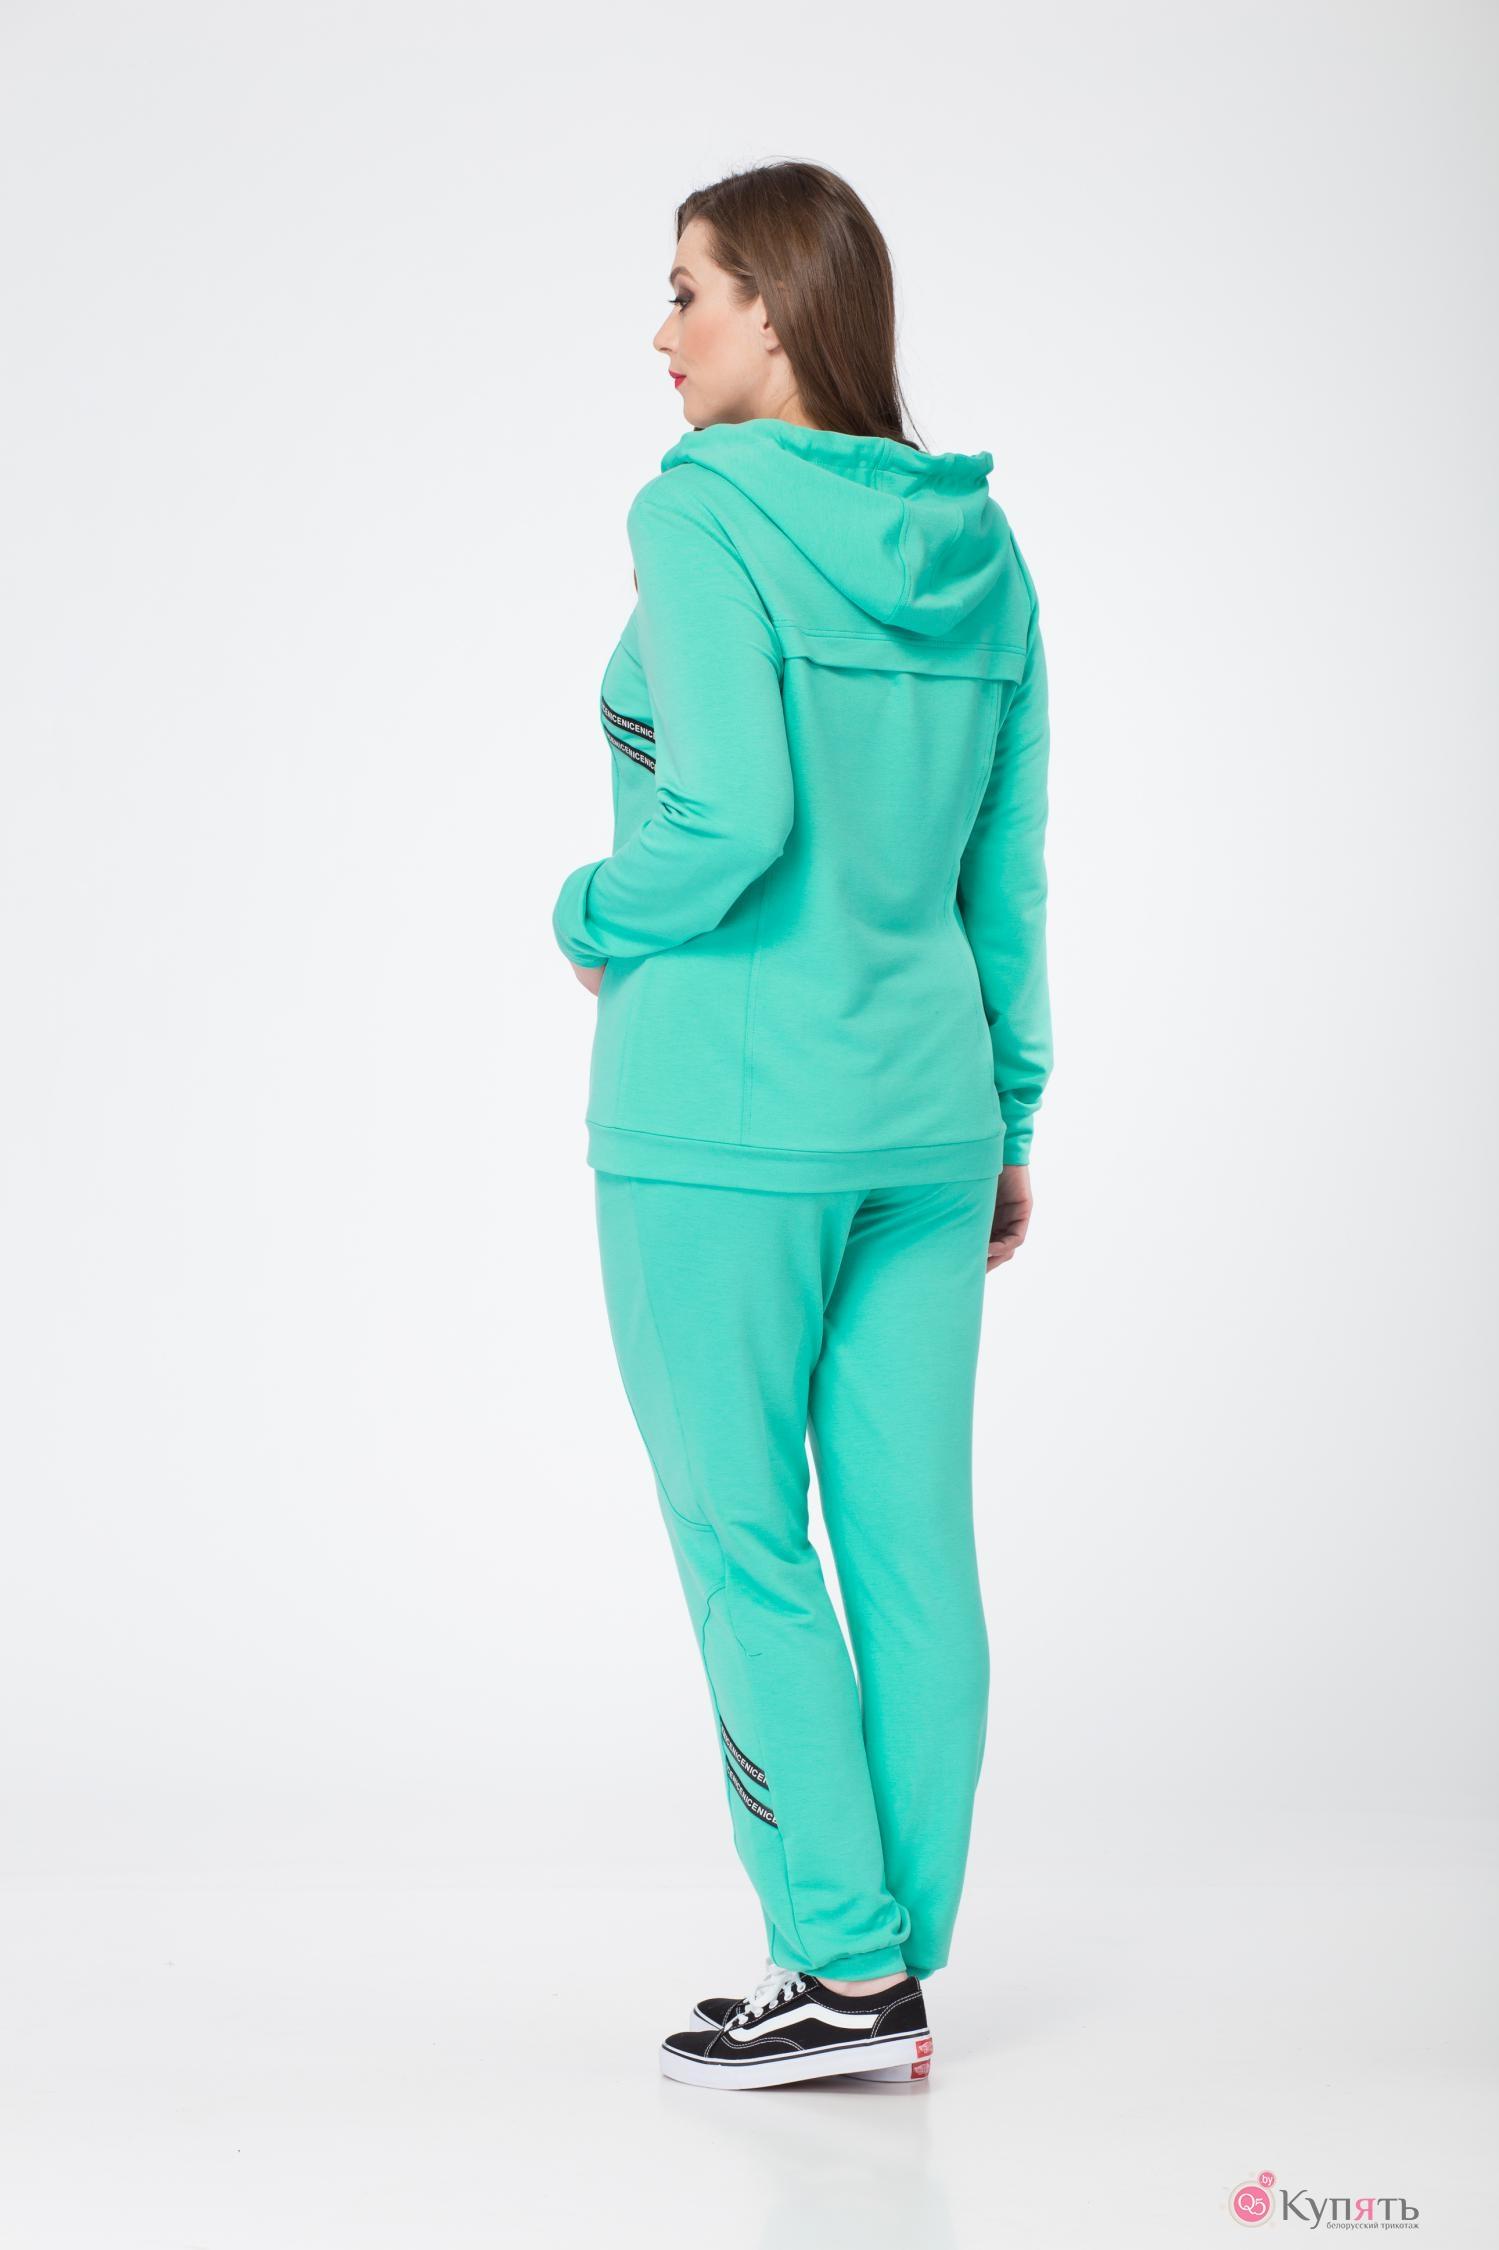 Женский спортивный костюм - лучшие комплекты, стильные